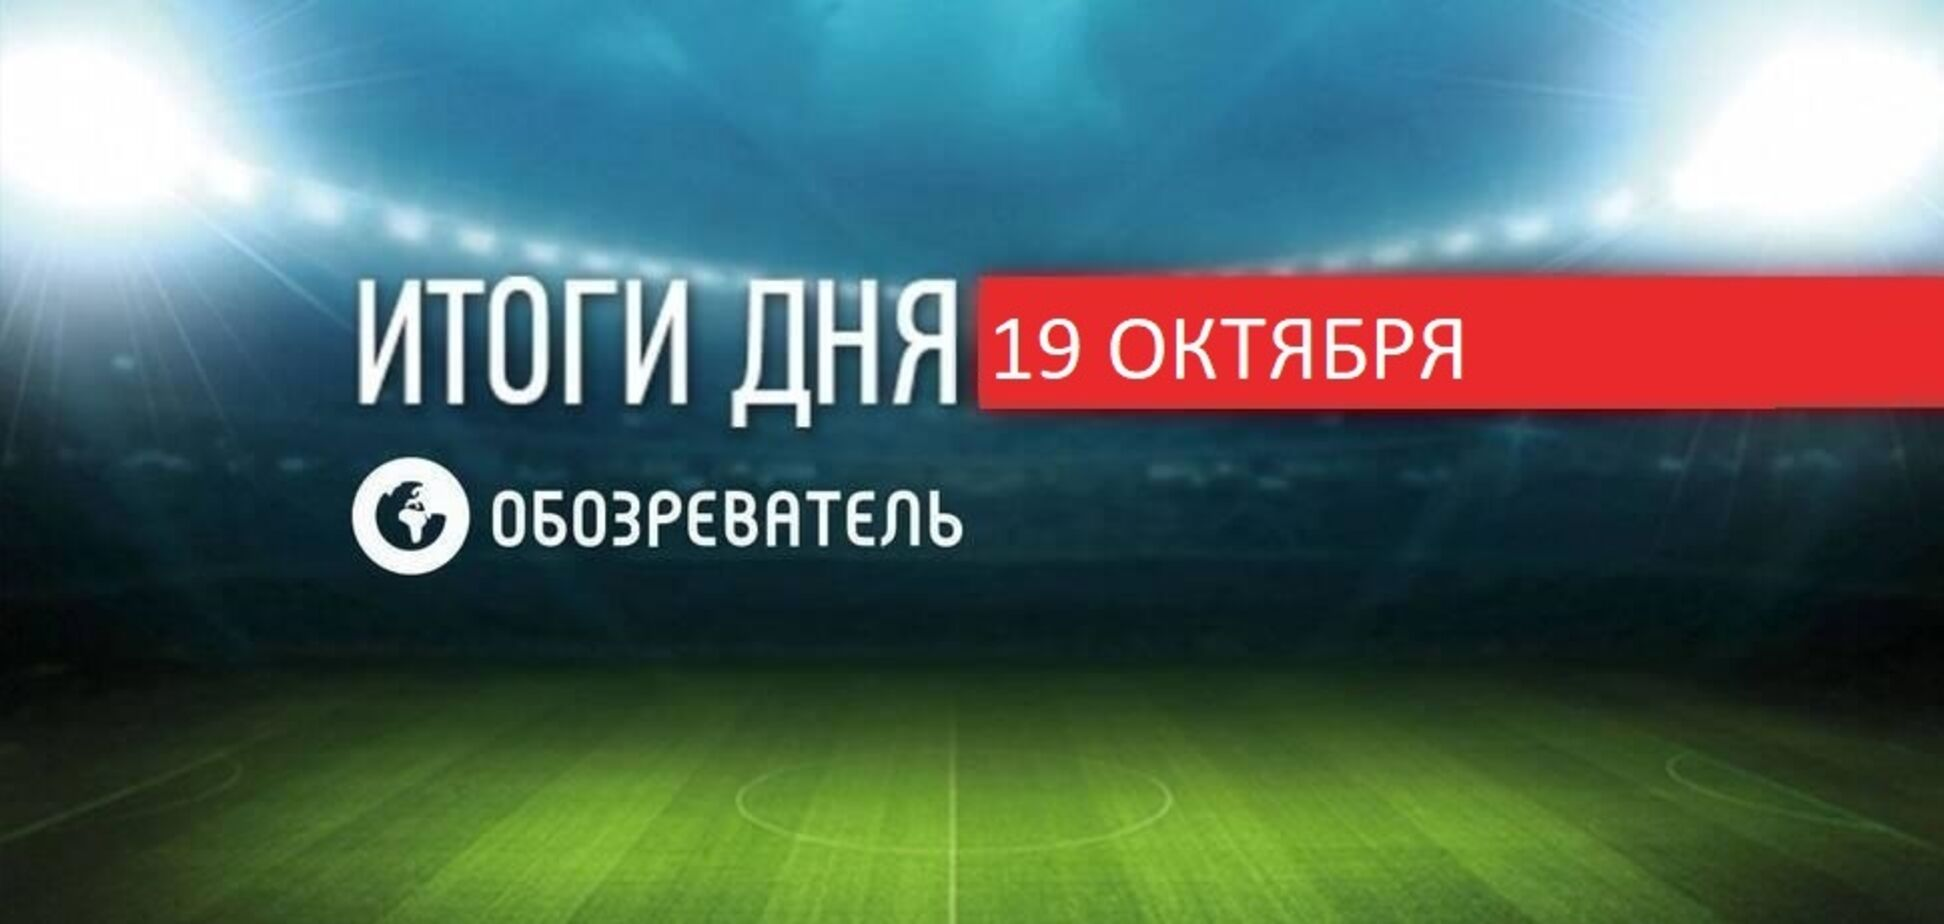 Волонтер нецензурно вилаявся на адресу Усика та Ломаченка: спортивні підсумки 19 жовтня